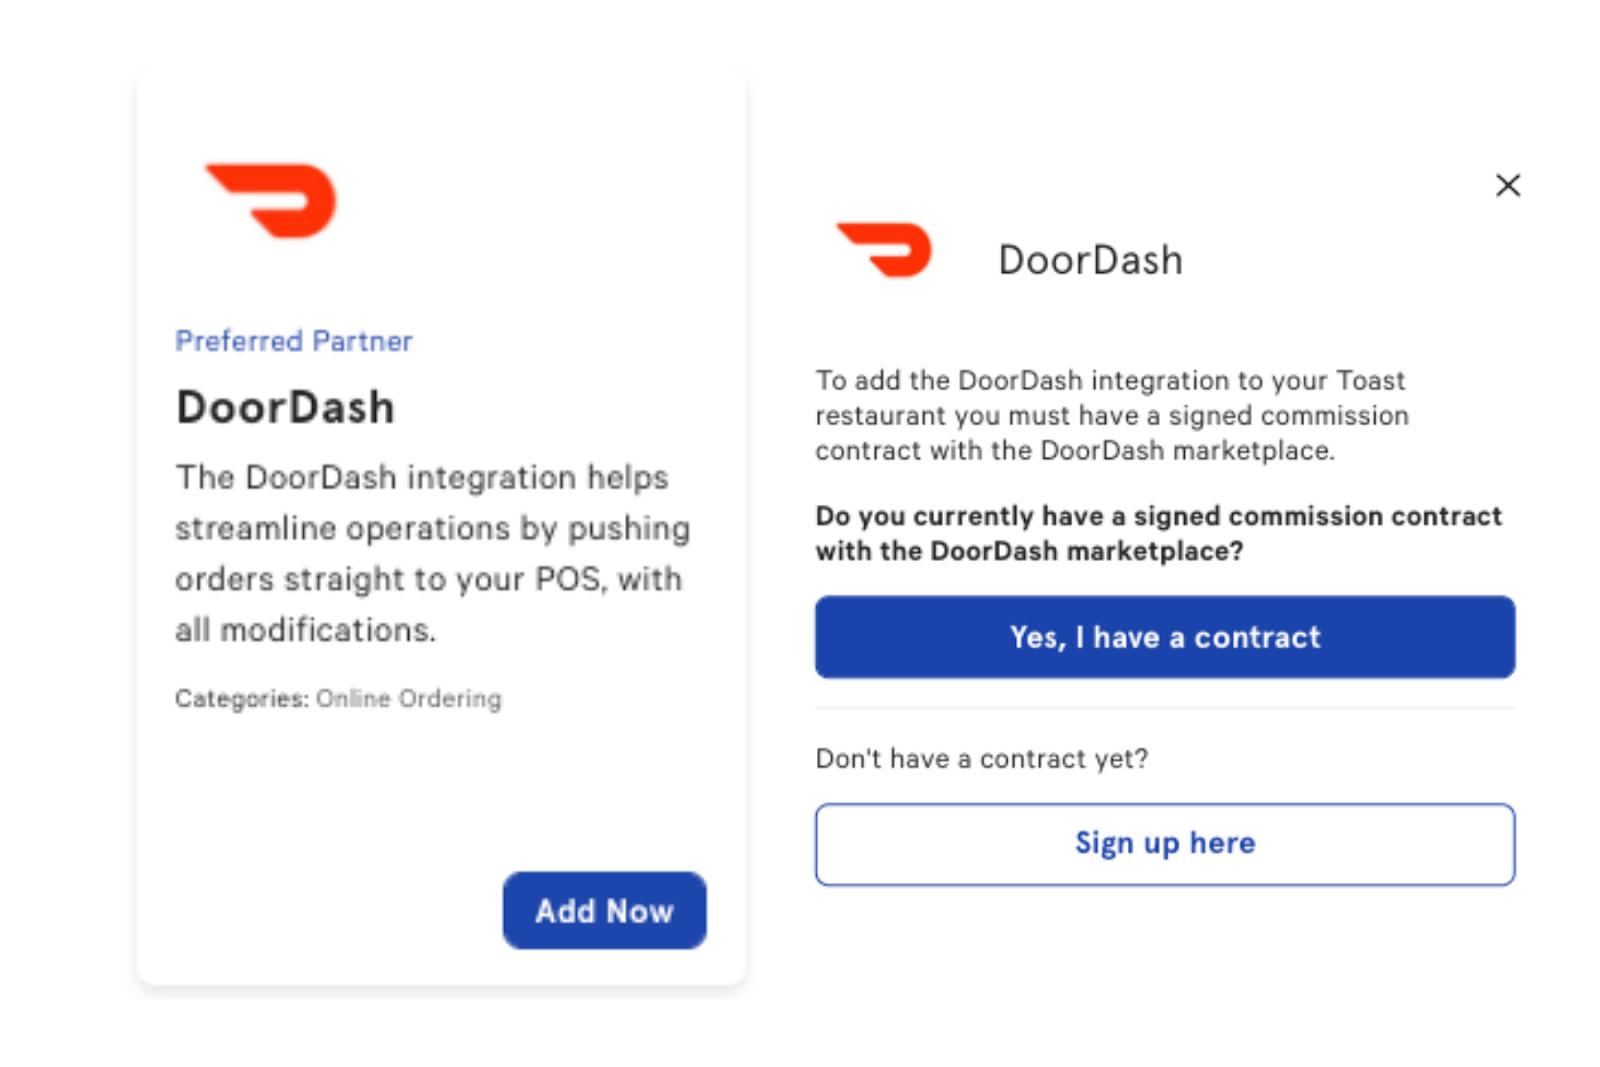 Door Dash image